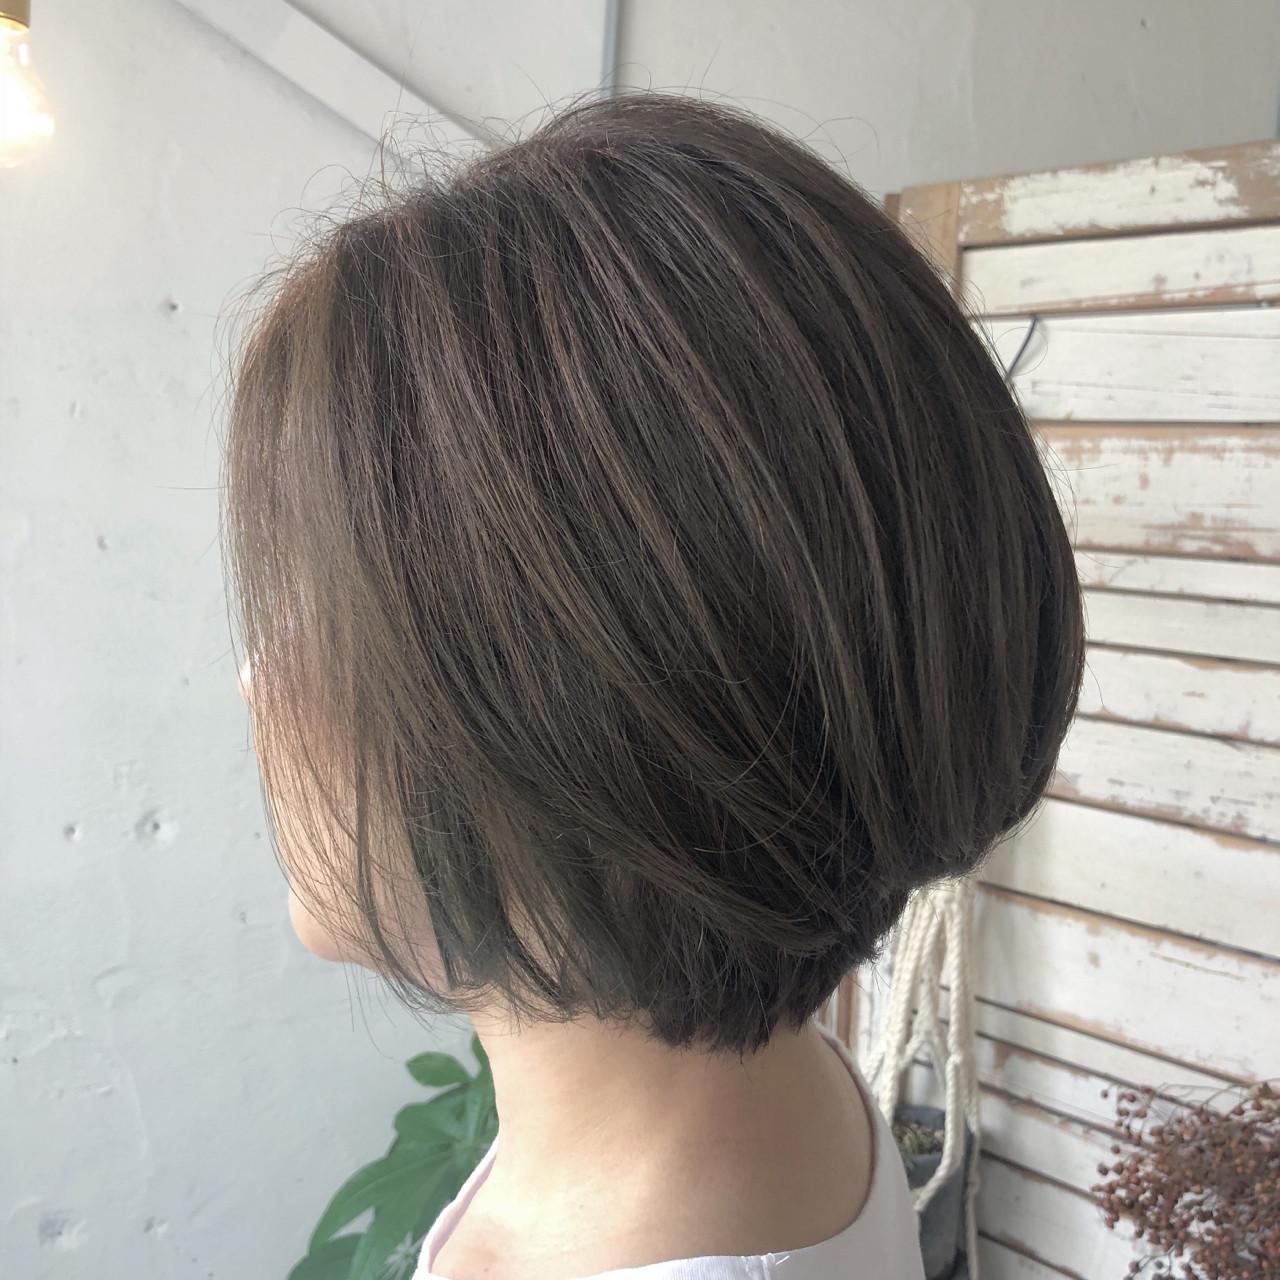 デート イルミナカラー 透明感 ナチュラル ヘアスタイルや髪型の写真・画像